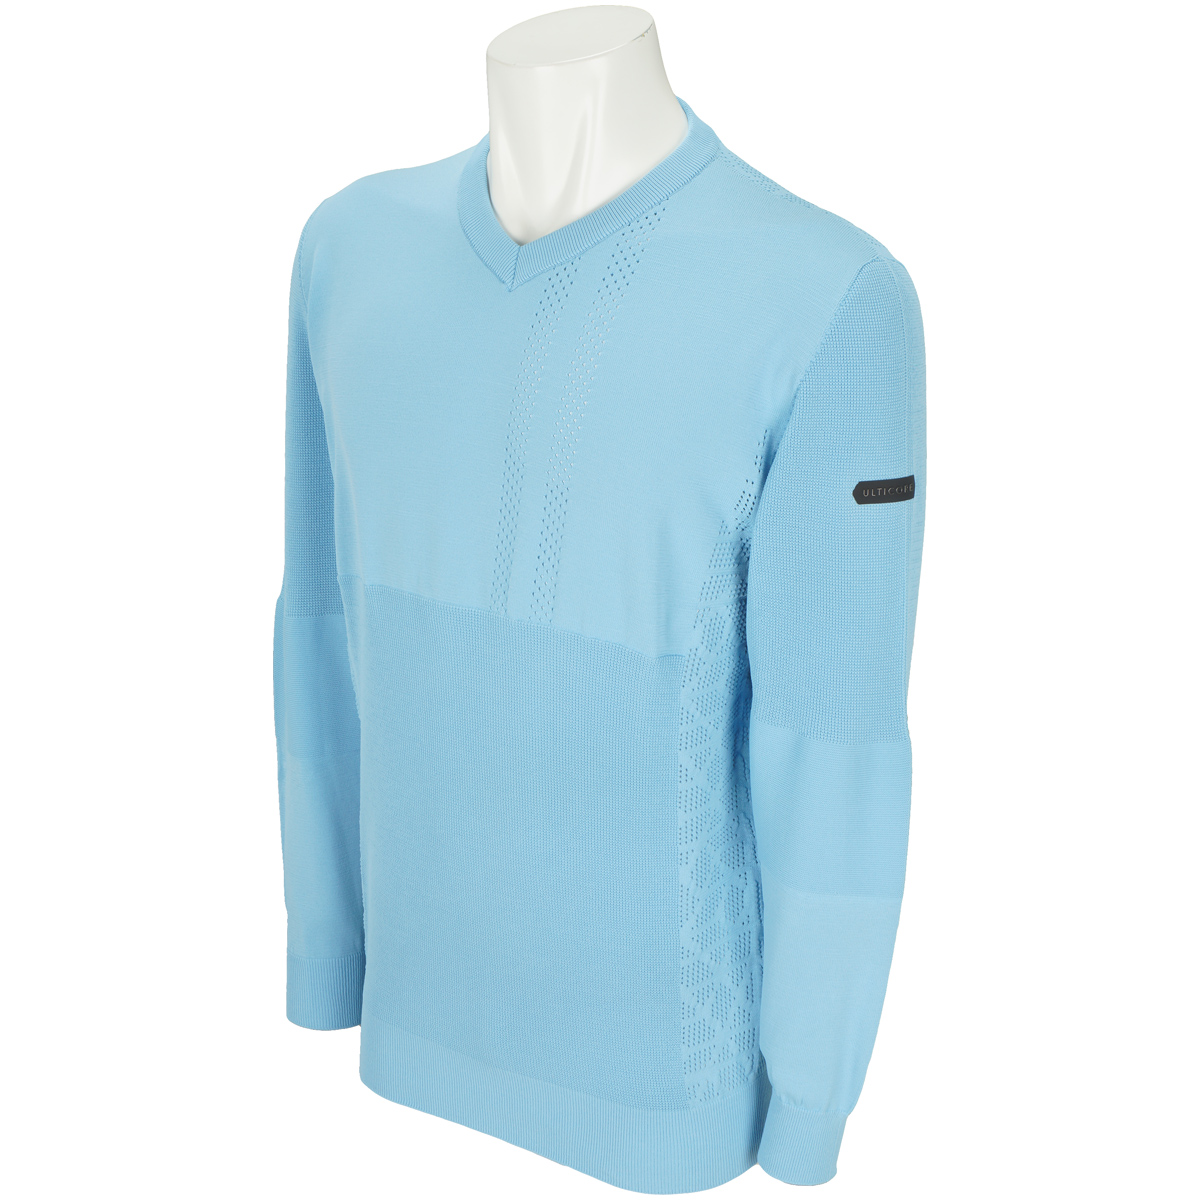 長袖ホールガーメントVネックセーター